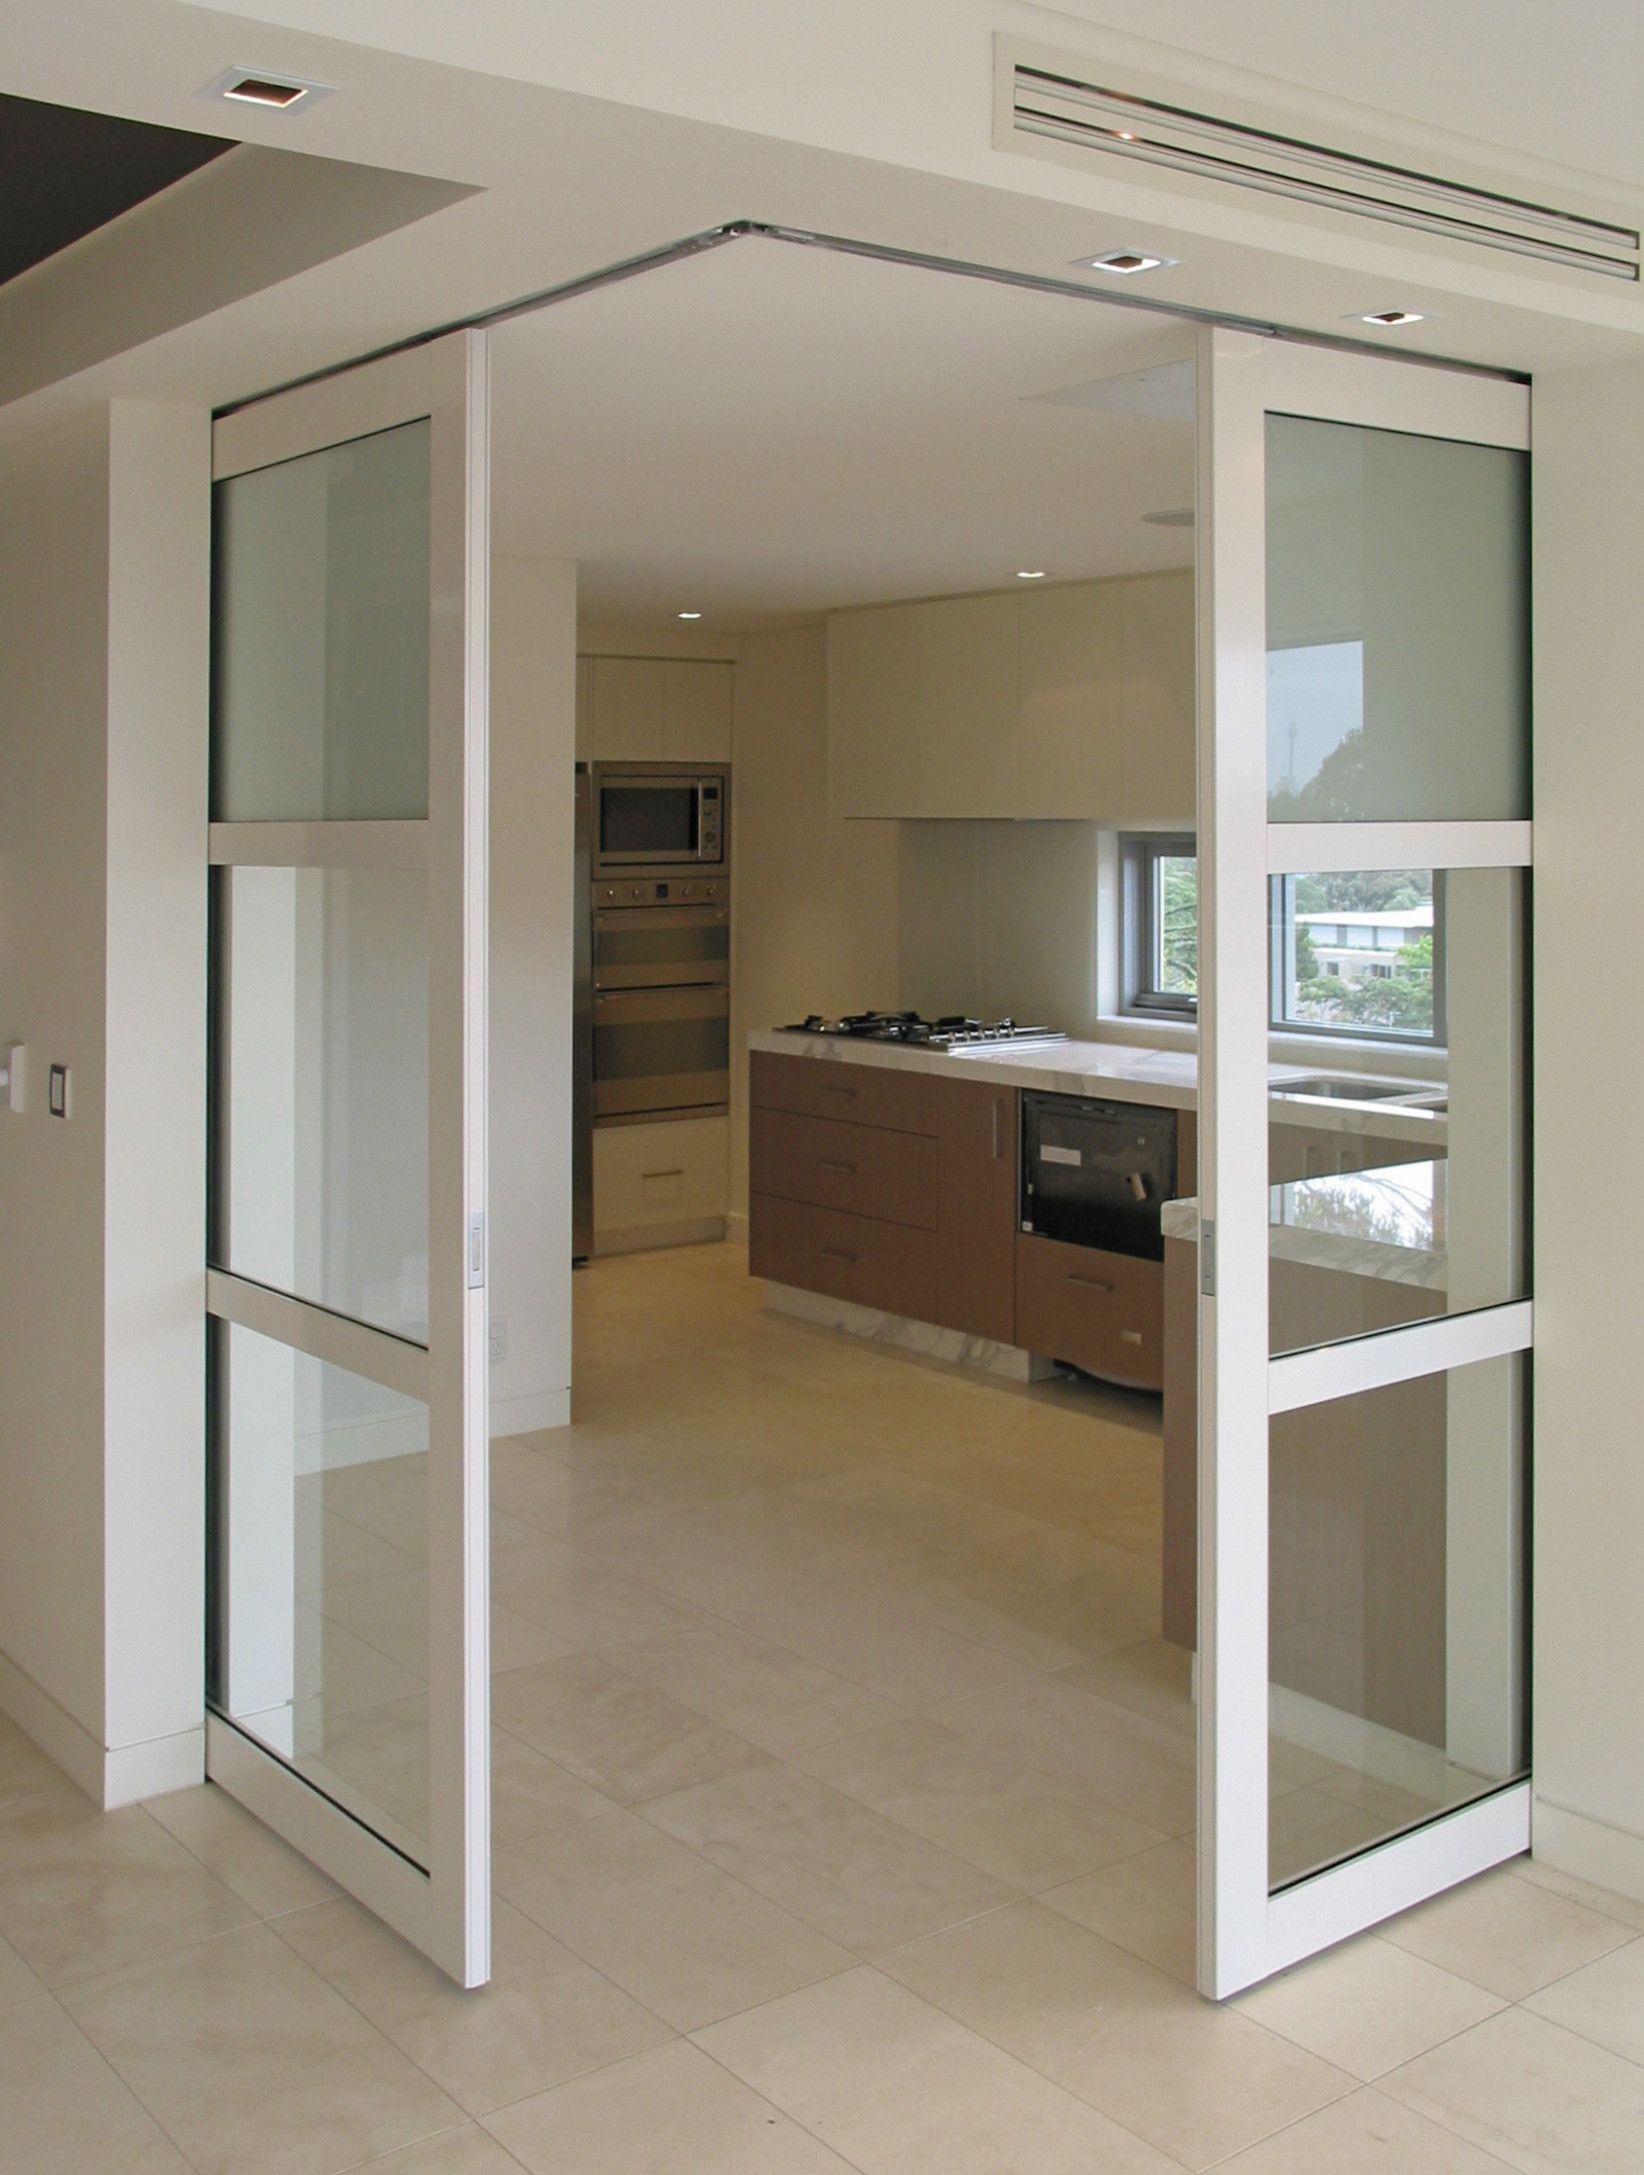 Isolare La Casa Basaluzzo cs cavity sliders in kitchen | arredamento ingresso casa